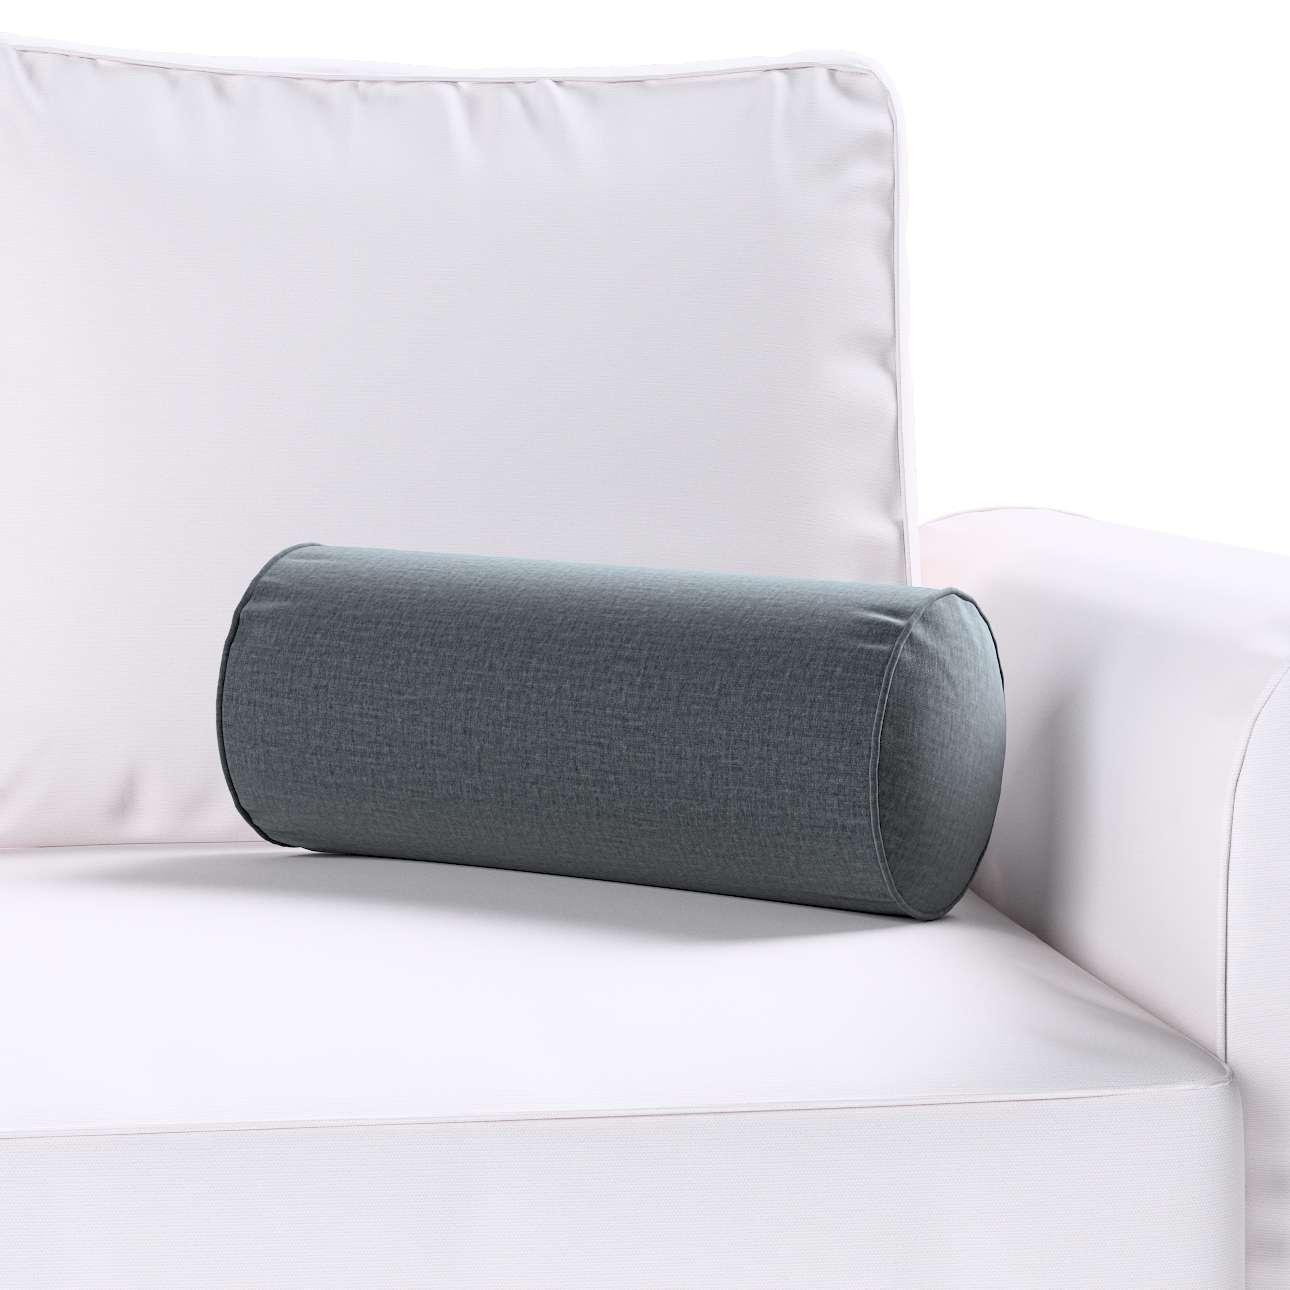 Poduszka wałek prosty w kolekcji Ingrid, tkanina: 705-43